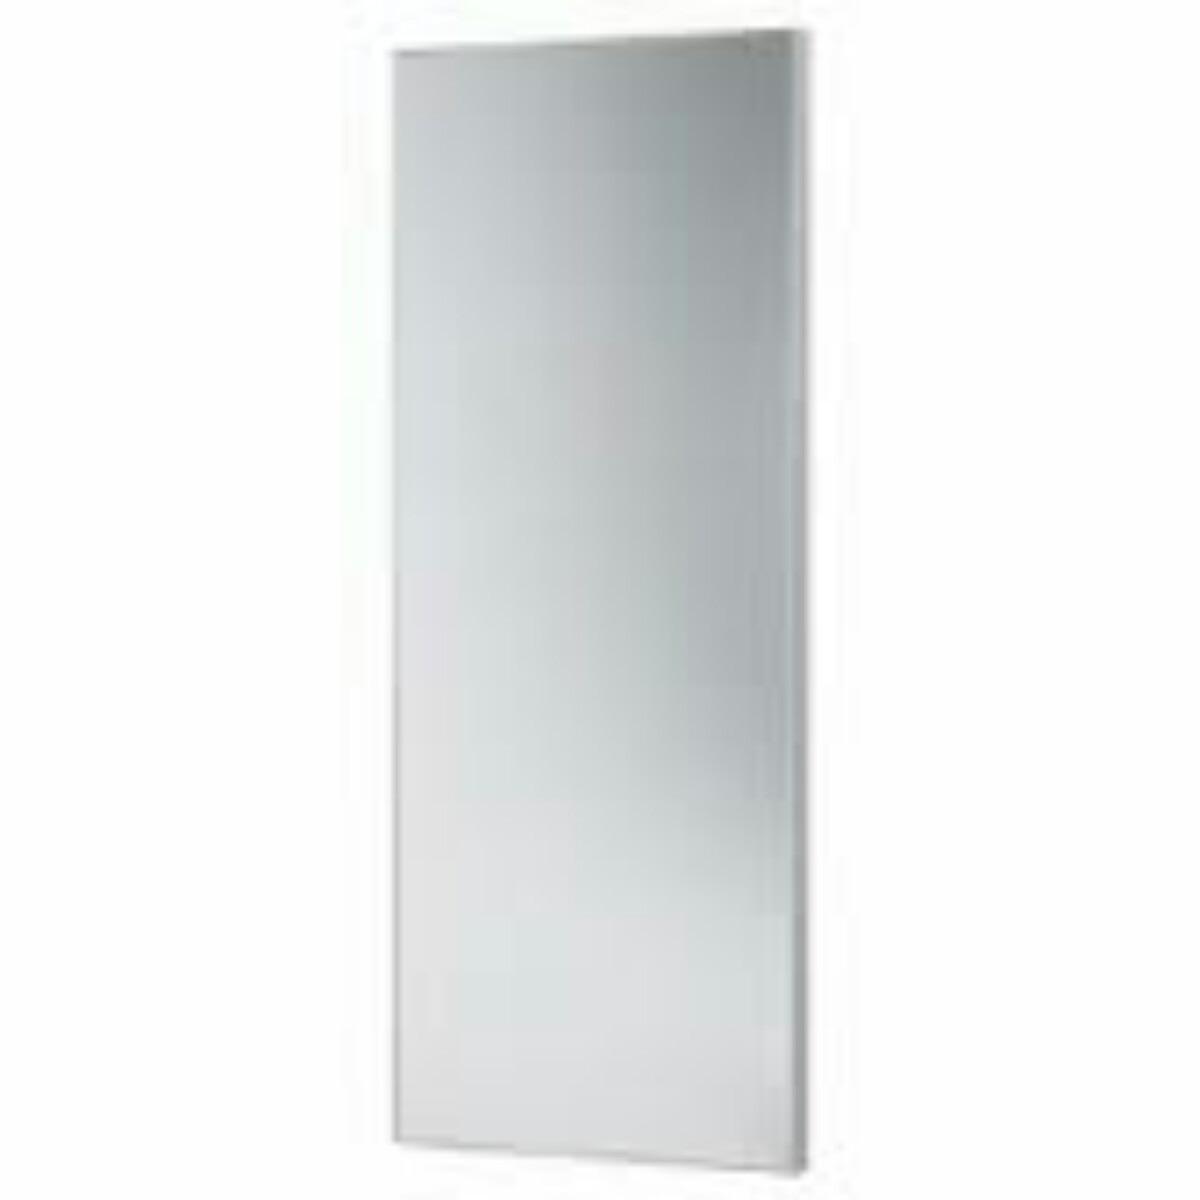 Espejo 1 5x0 50 borde pulidos 4 mm 525 00 en mercado libre for Espejo 50 x 150